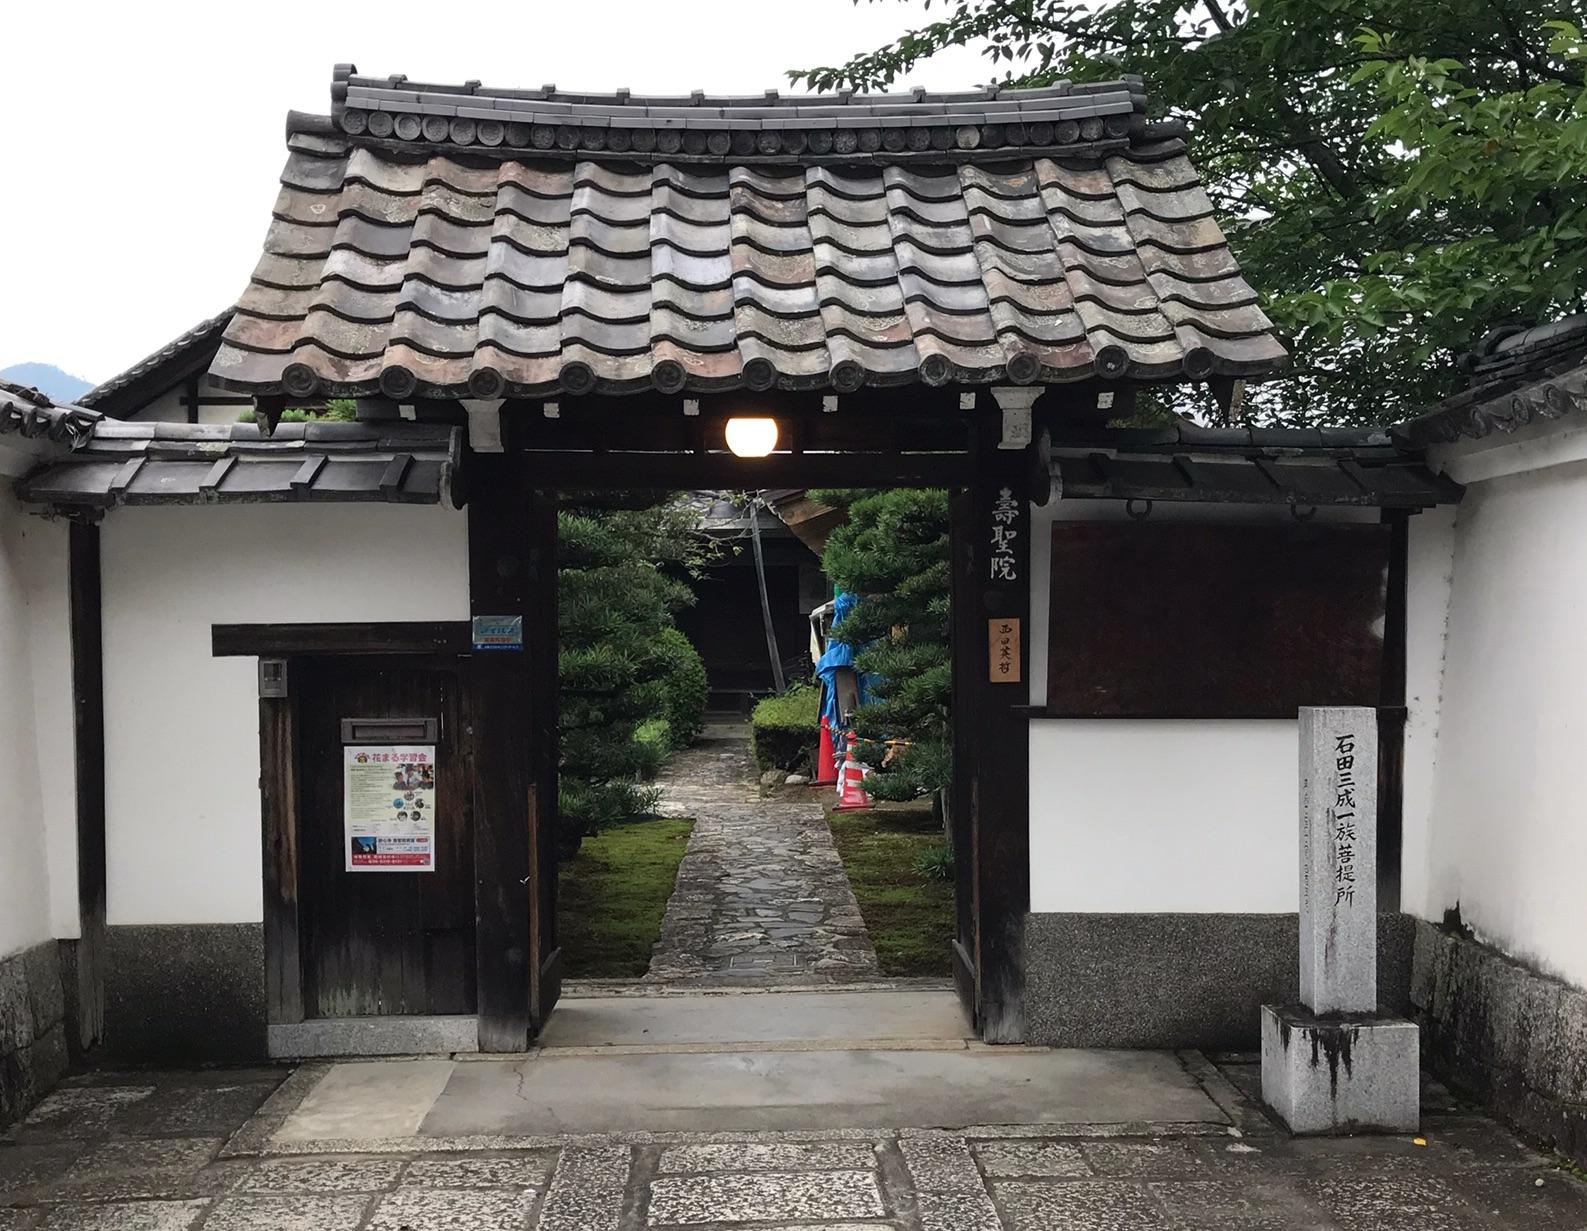 壽聖院の外観|趣味コン会場|大阪で婚活イベント(婚活パーティーや趣味コン)なら一期一会